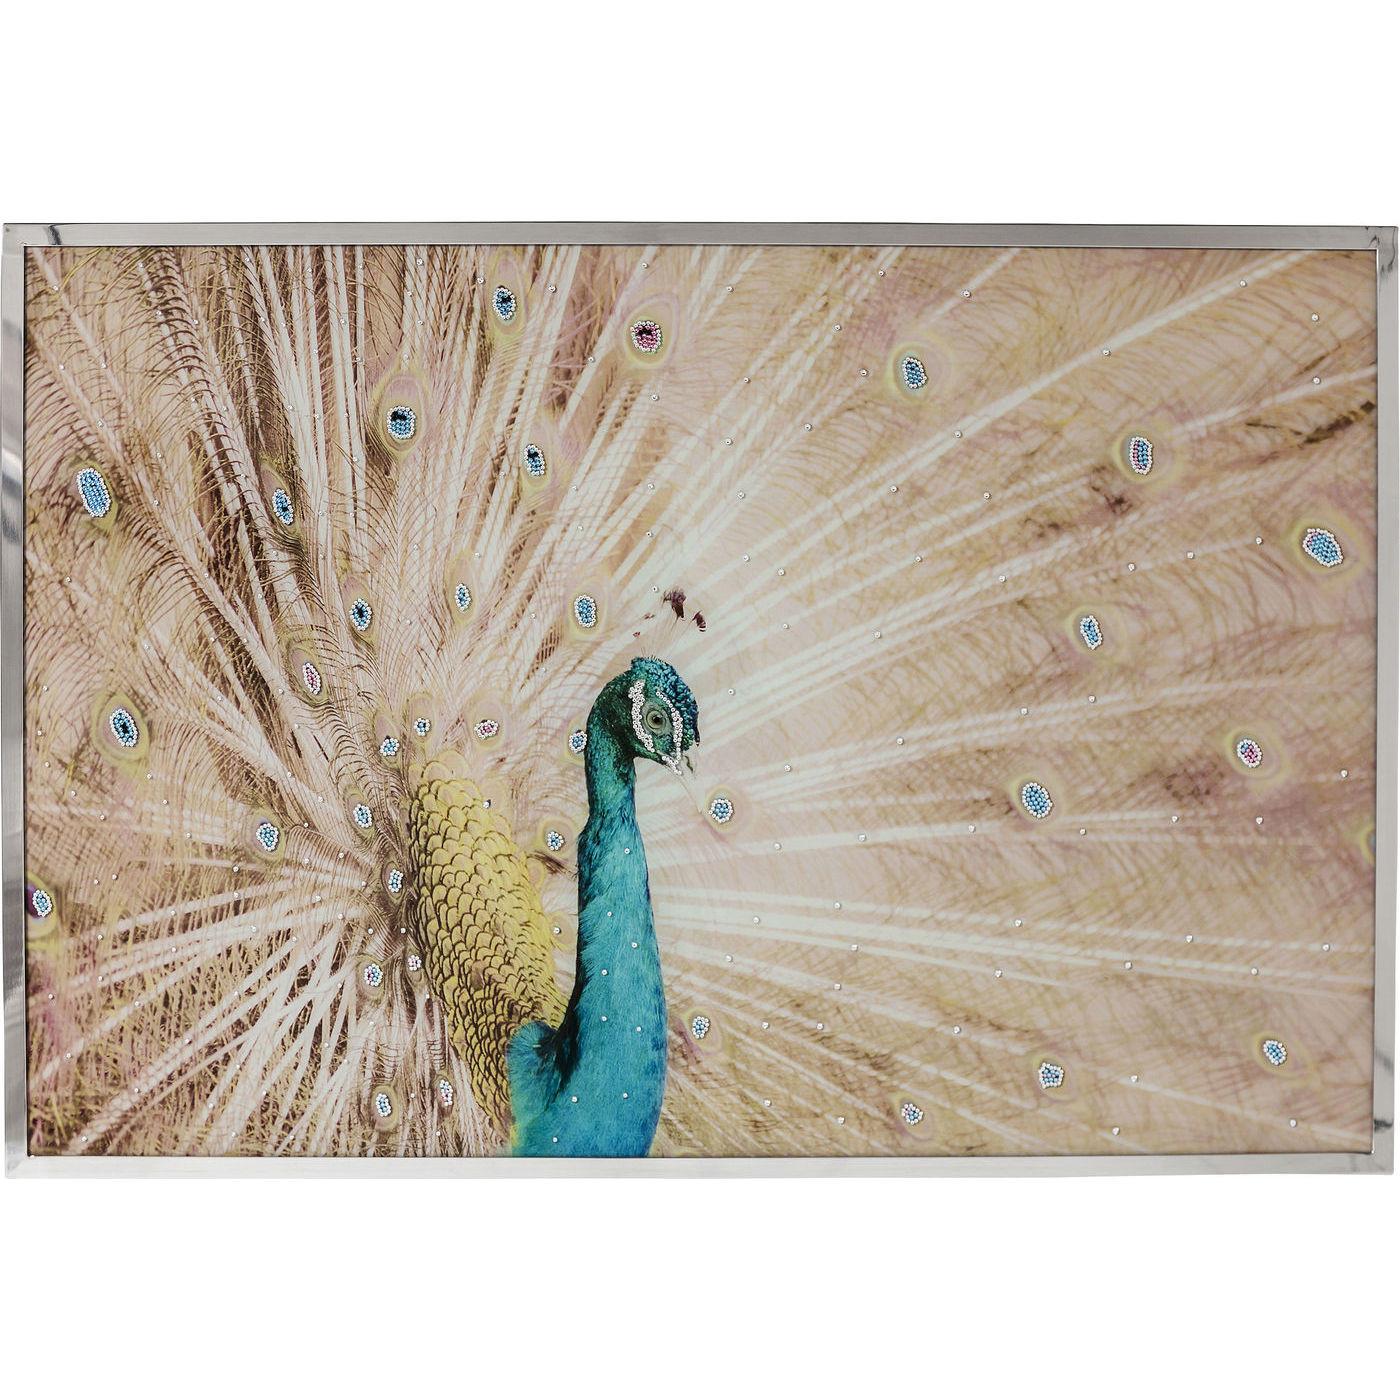 Wandschmuck peacock 114x78cm kare design mutoni m bel for Kare design schweiz